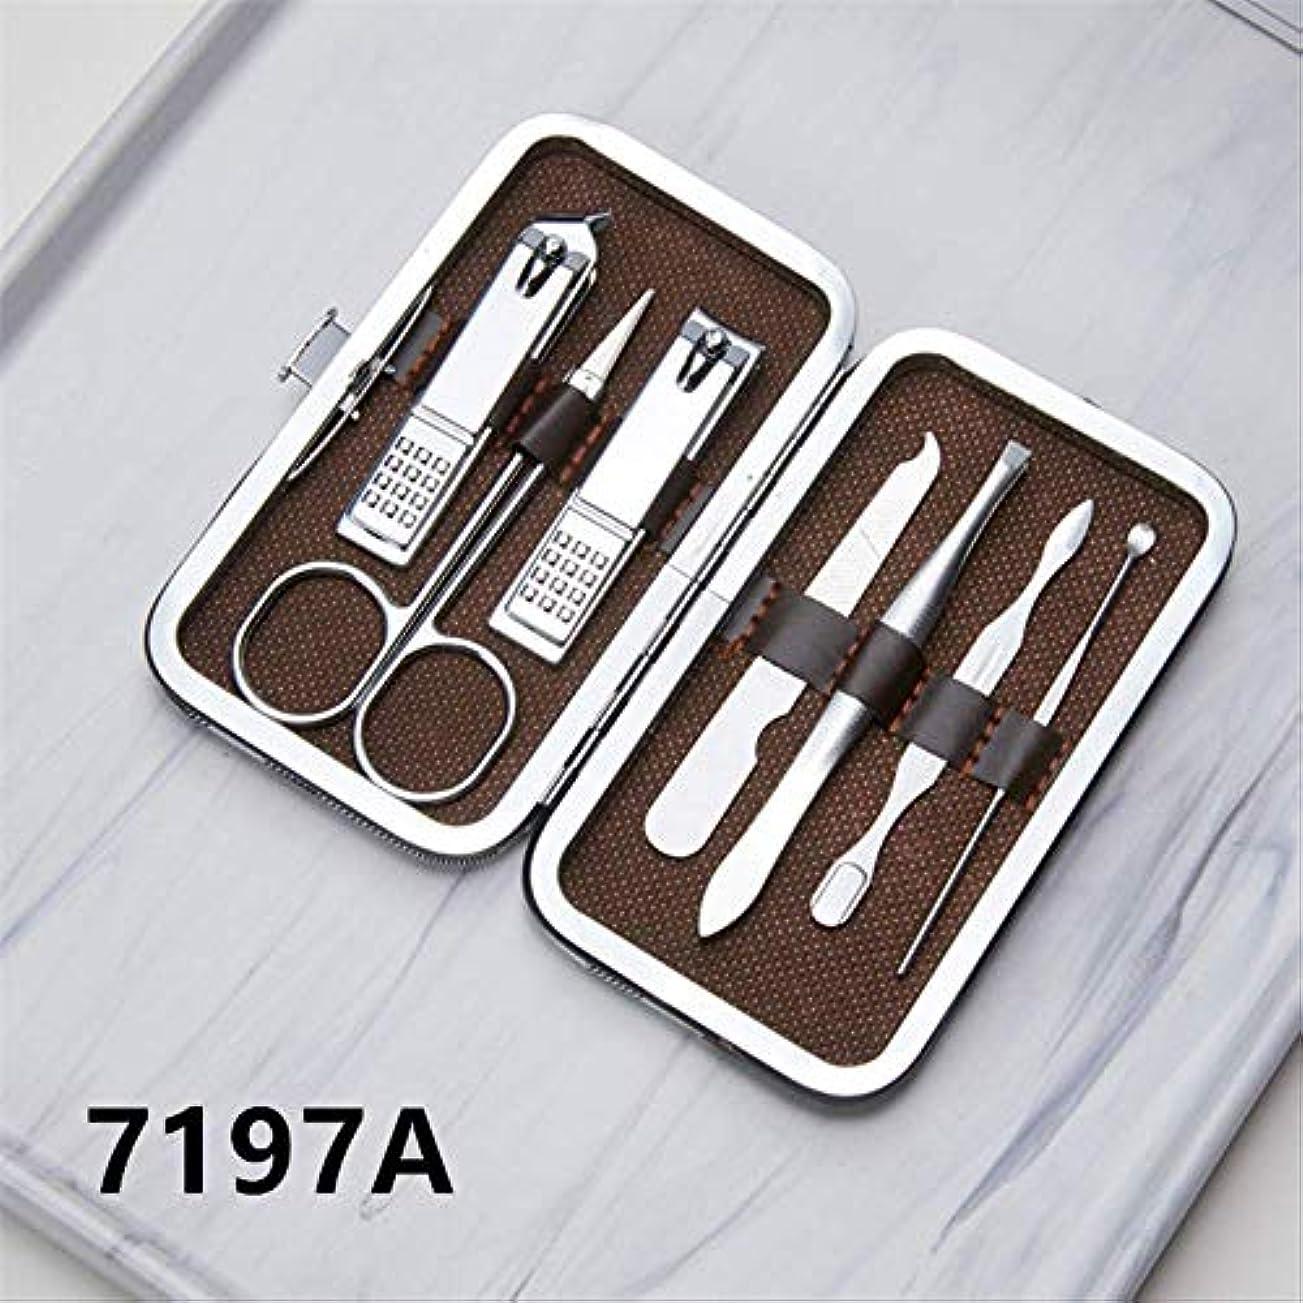 刈り取る精神的にオークランド爪切りセット16ピースペディキュアナイフ美容プライヤー爪ツール 7197A